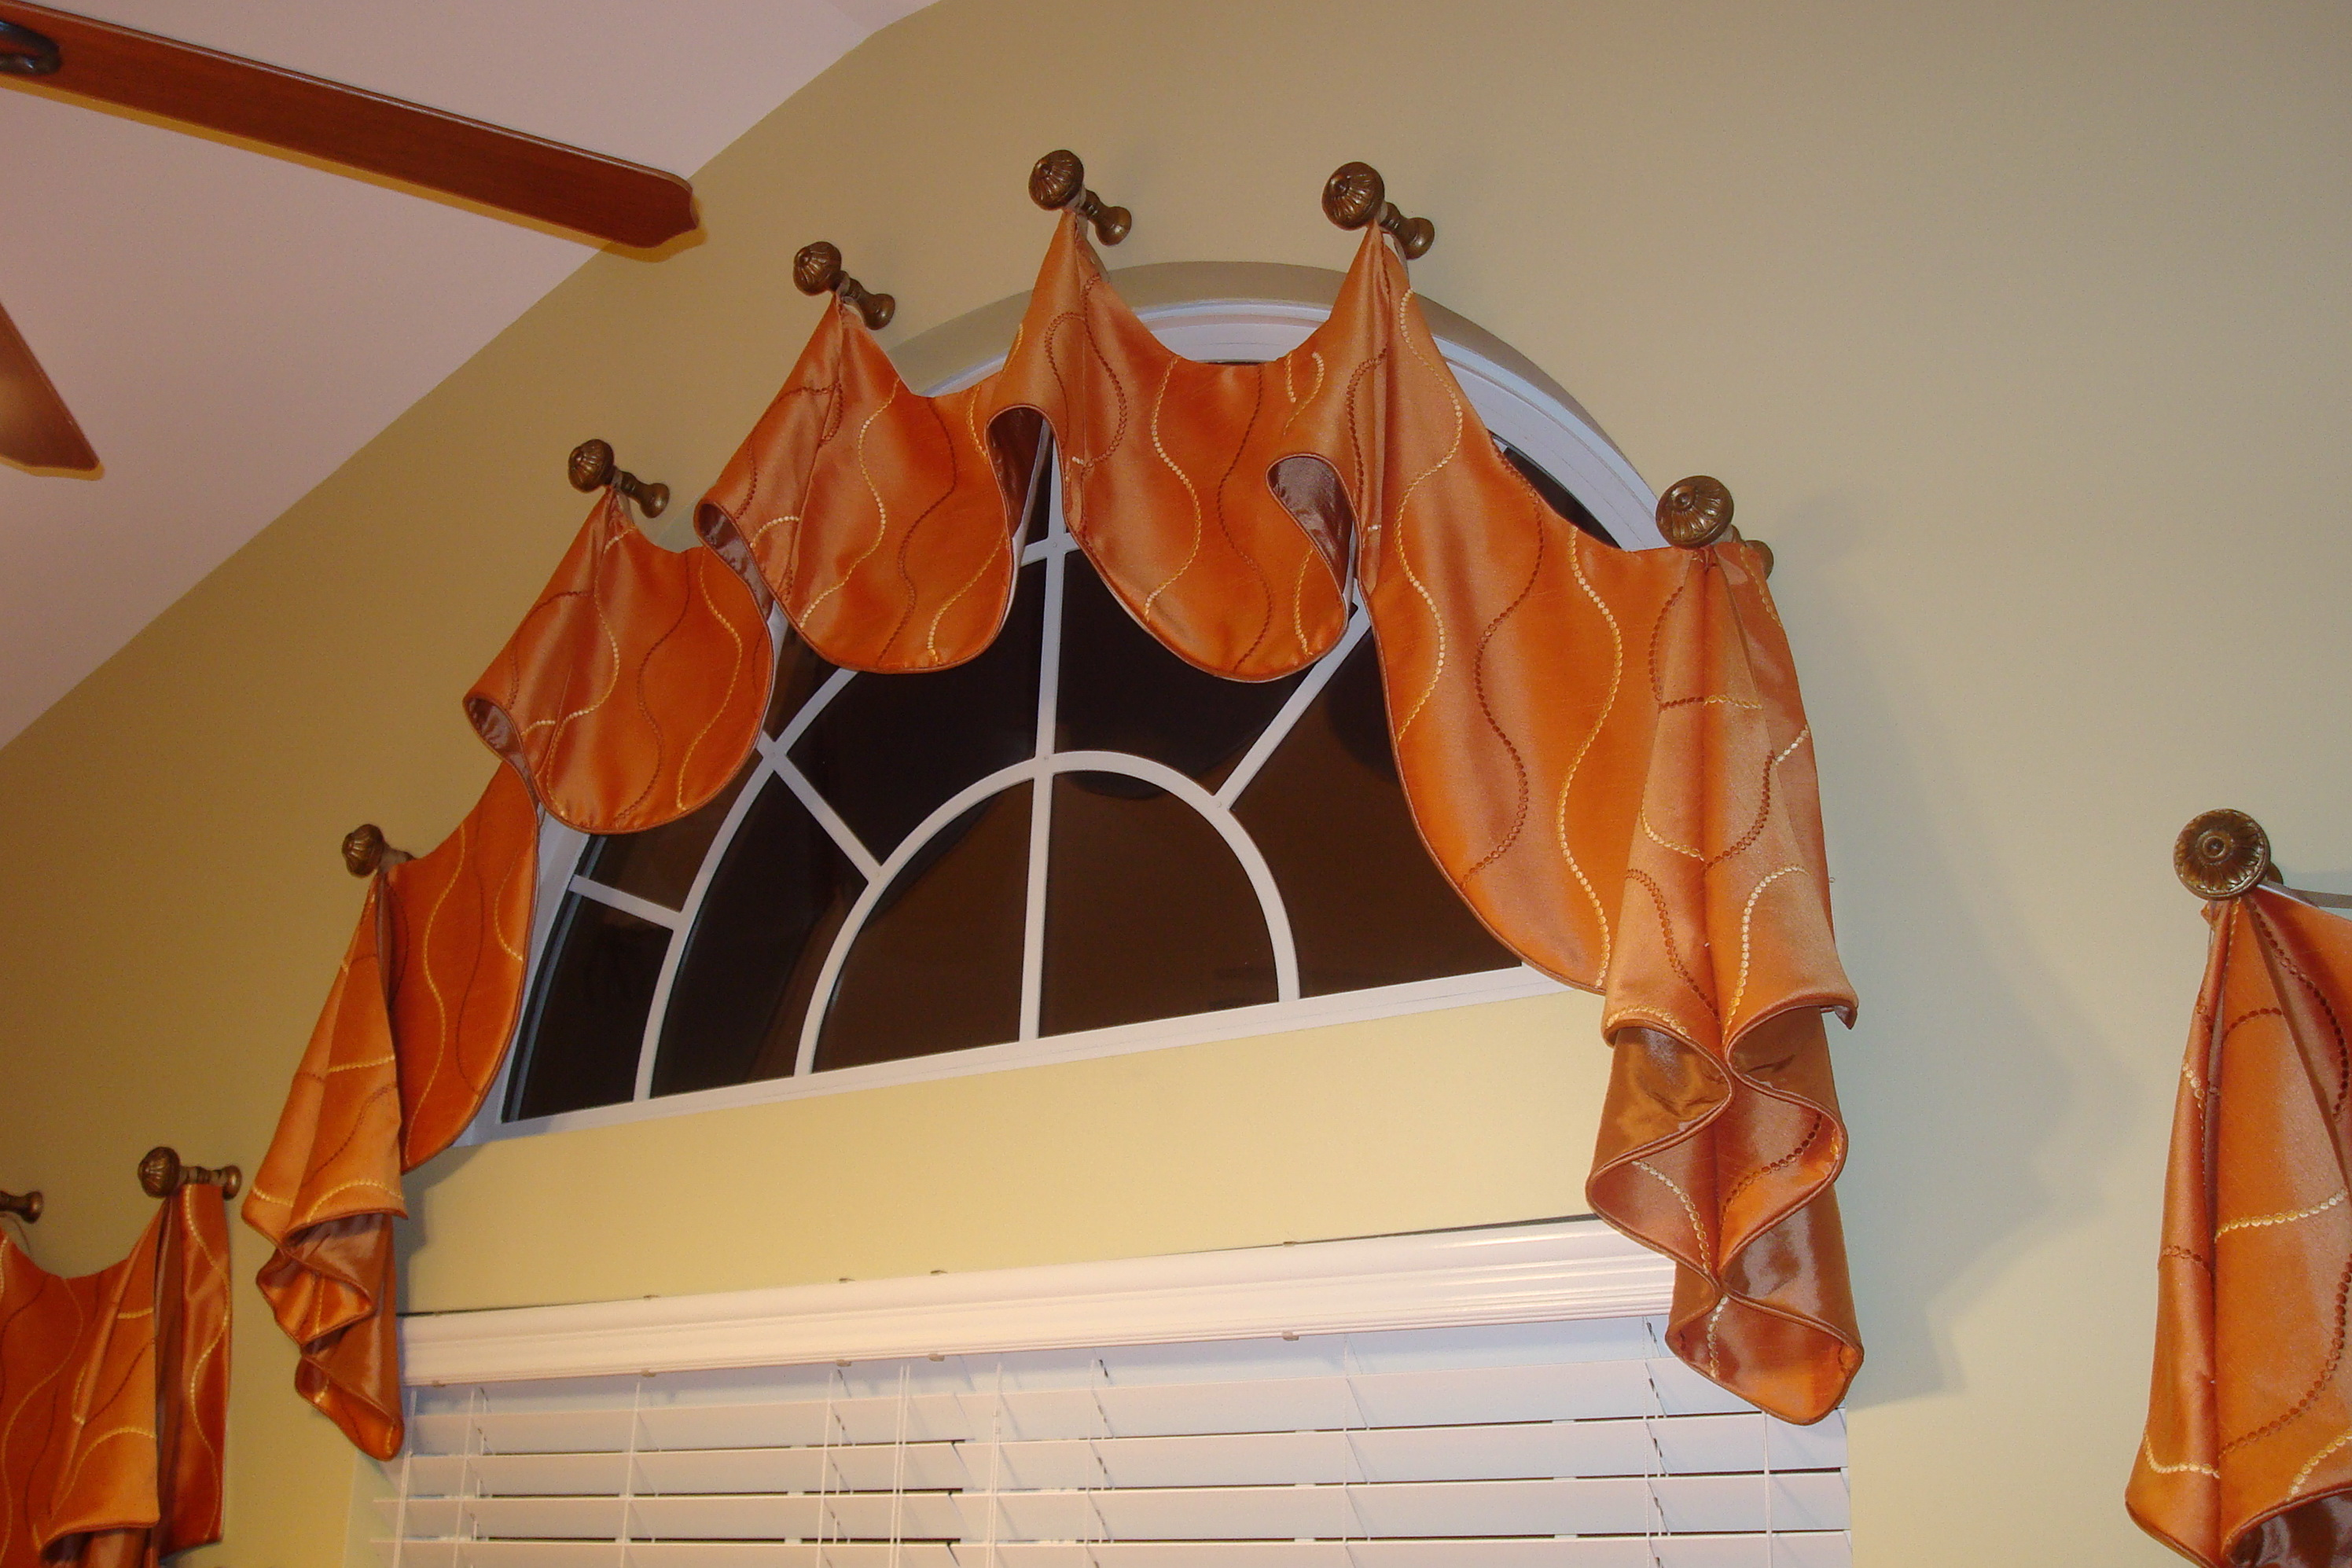 Flexible Curtain Rod For Eyebrow Window Home Design Ideas